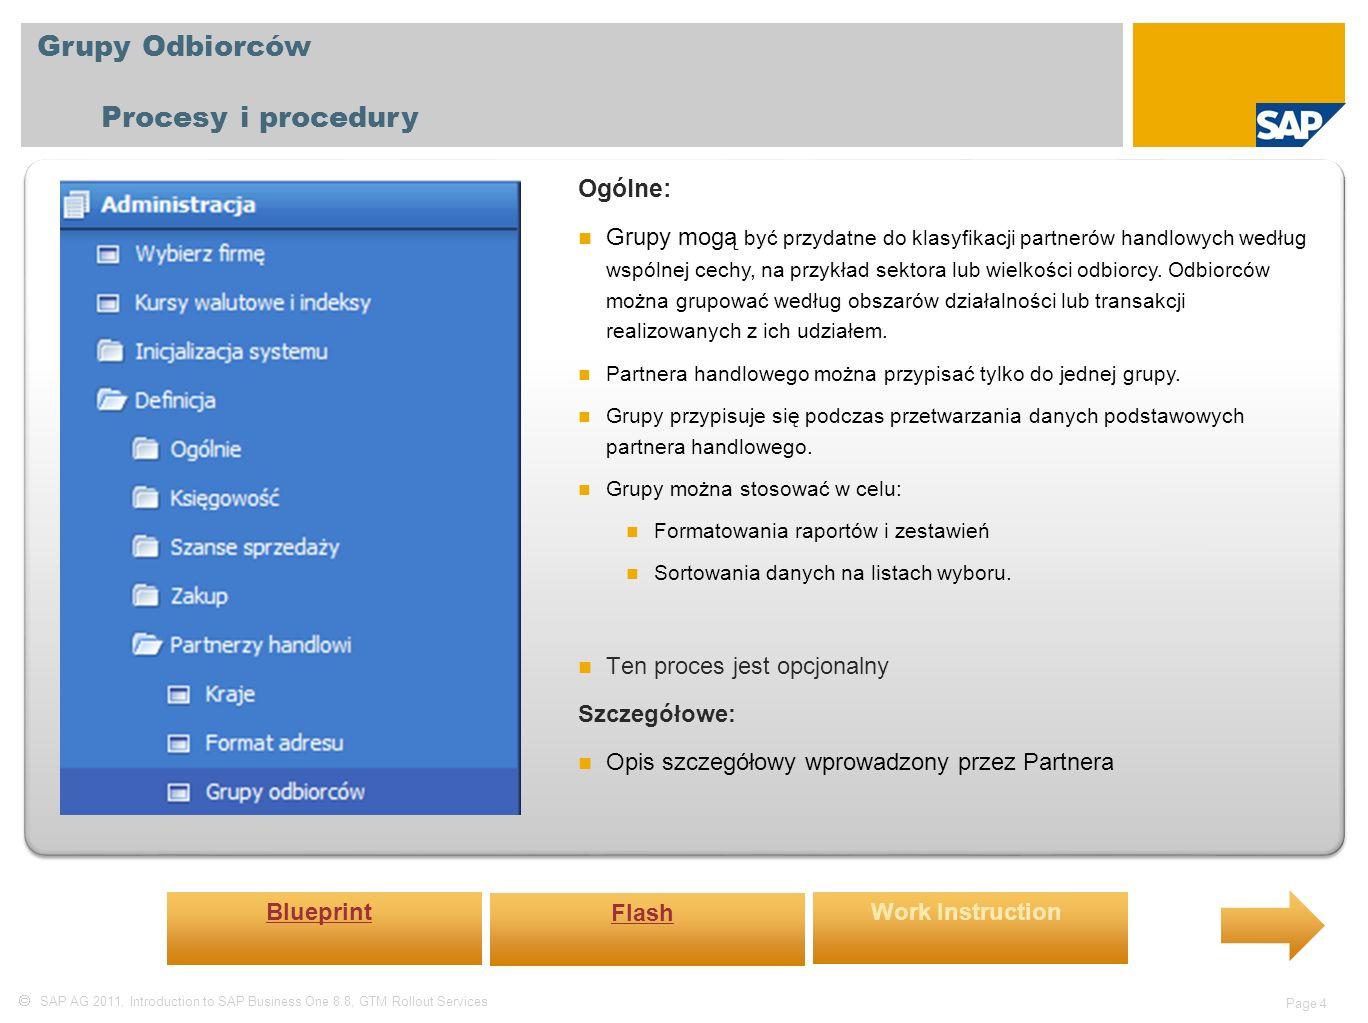  SAP AG 2011, Introduction to SAP Business One 8.8, GTM Rollout Services Page 25 Towary zastępcze Procesy i procedury Ogólne: Okno to służy do definiowania zamienników dla towarów, których zapasy w określonym magazynie uległy wyczerpaniu.